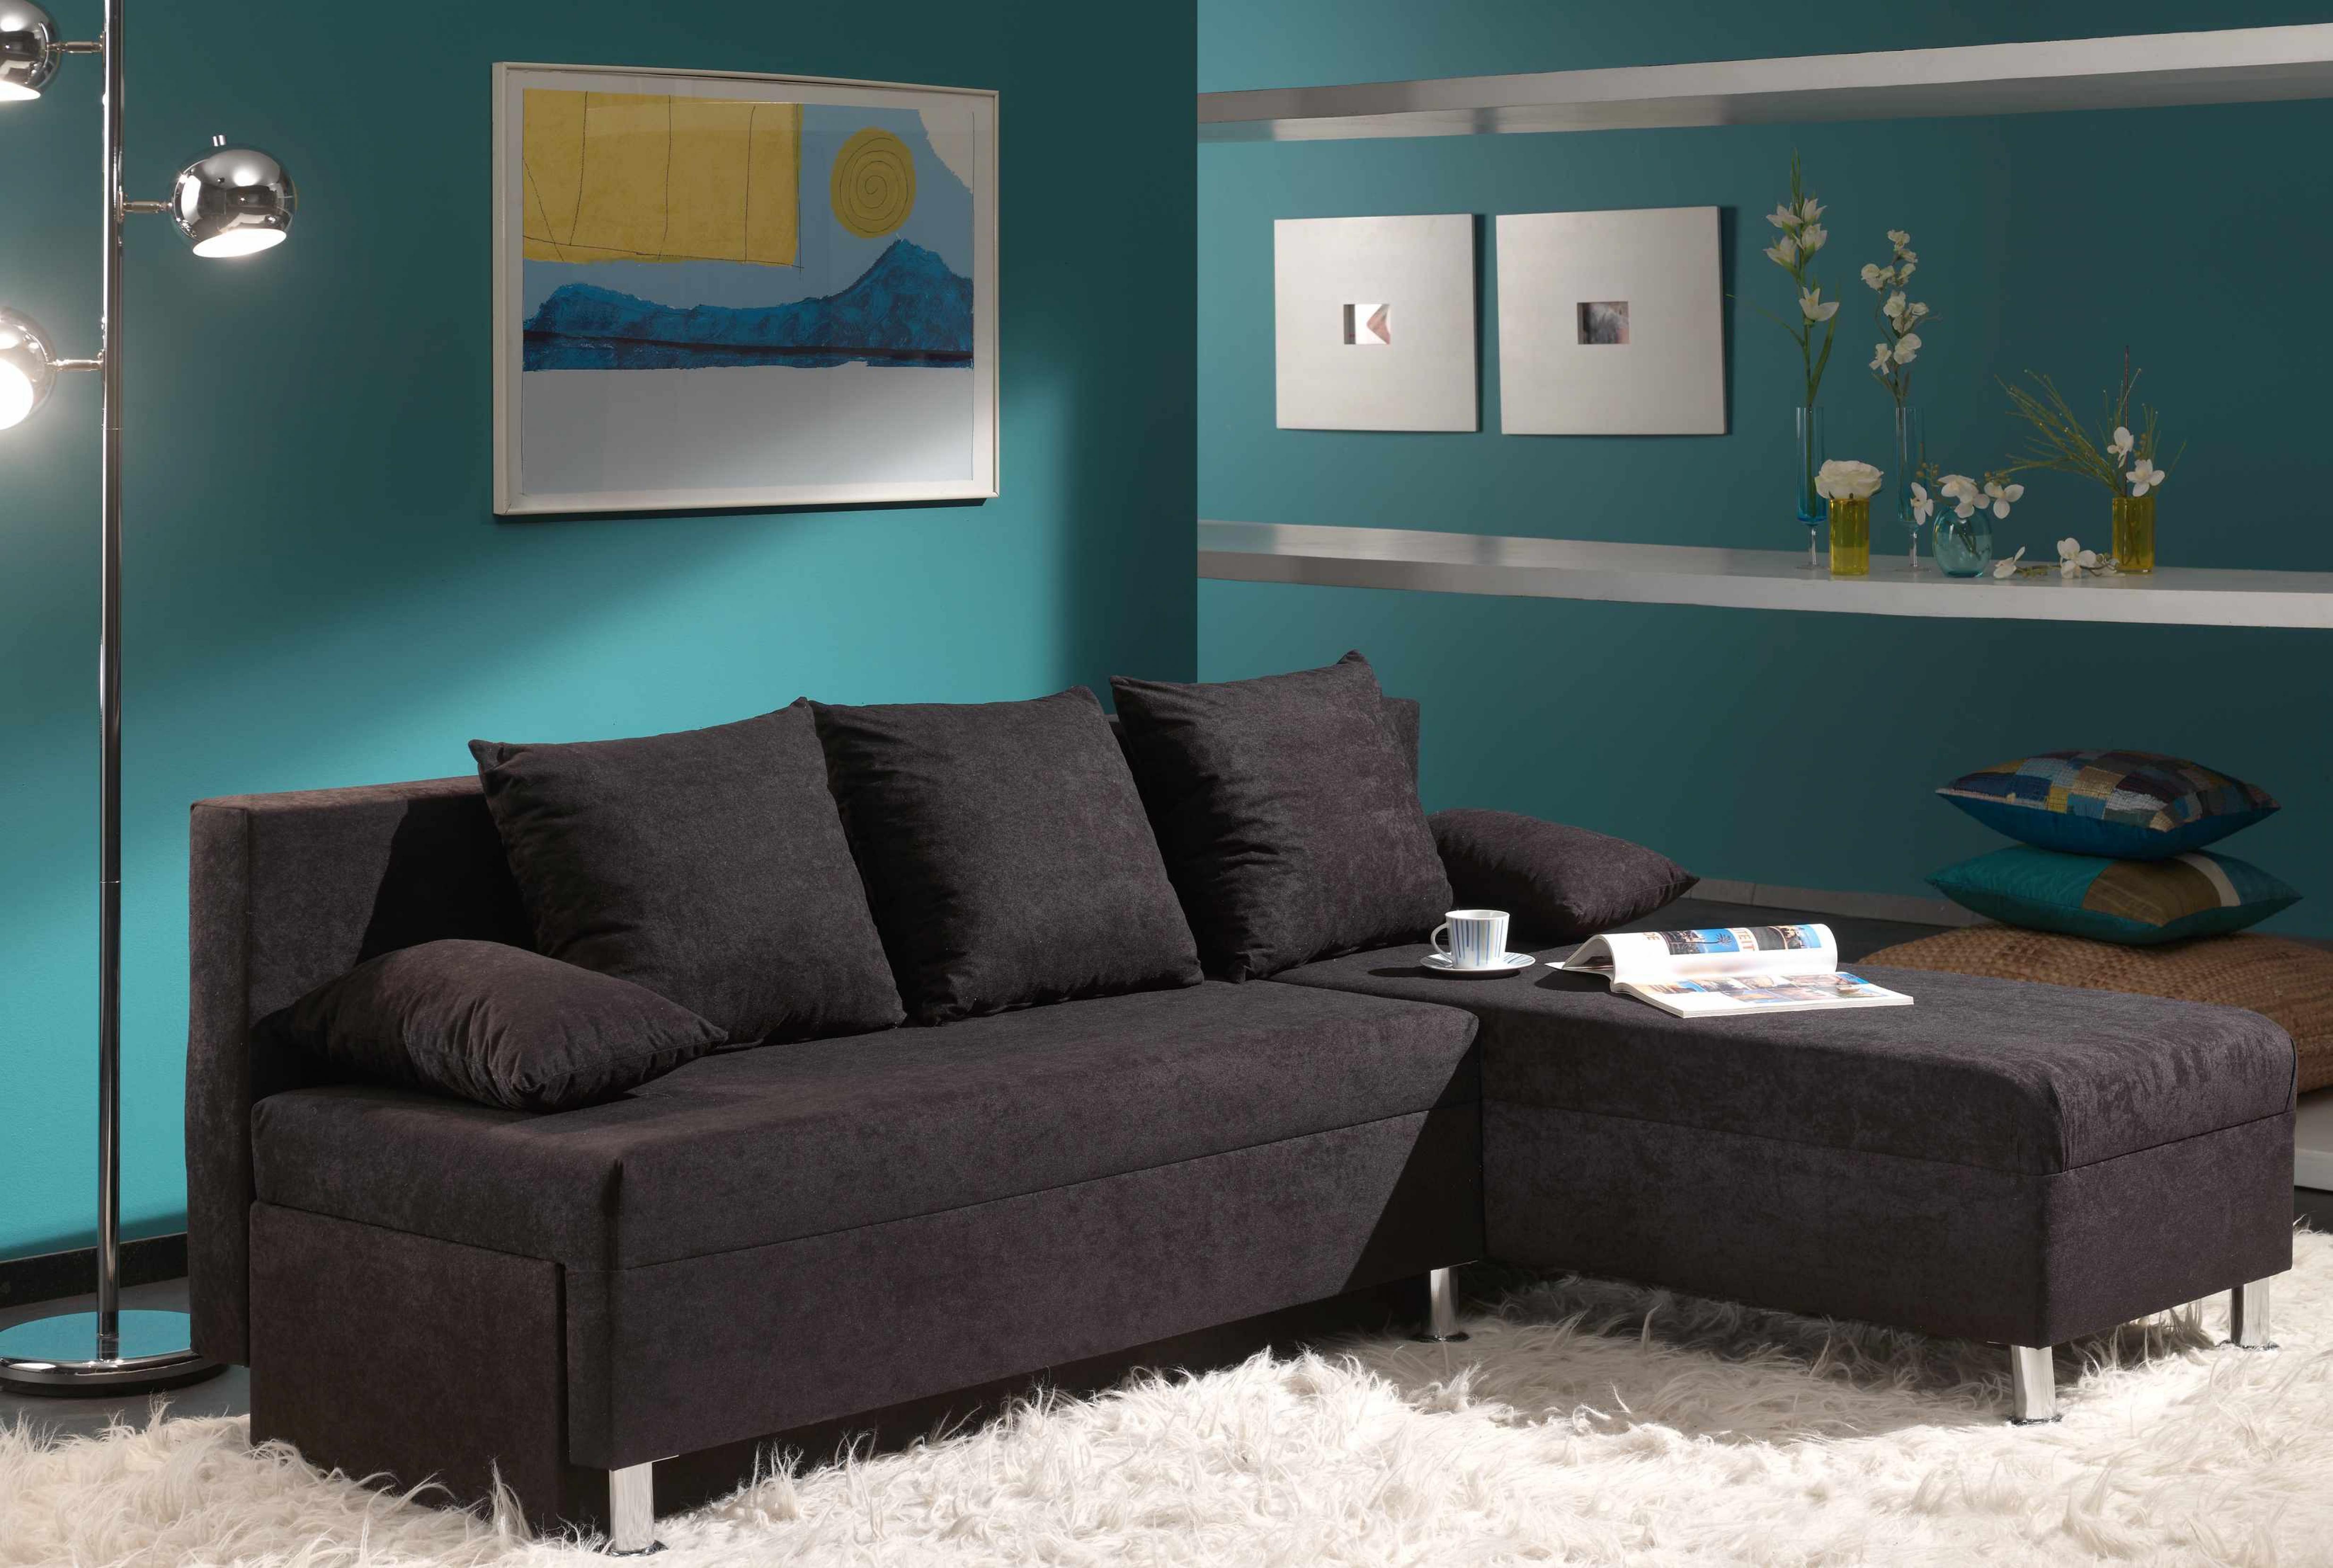 Le bon coin canape lit maison design - Clic clac pas cher le bon coin ...